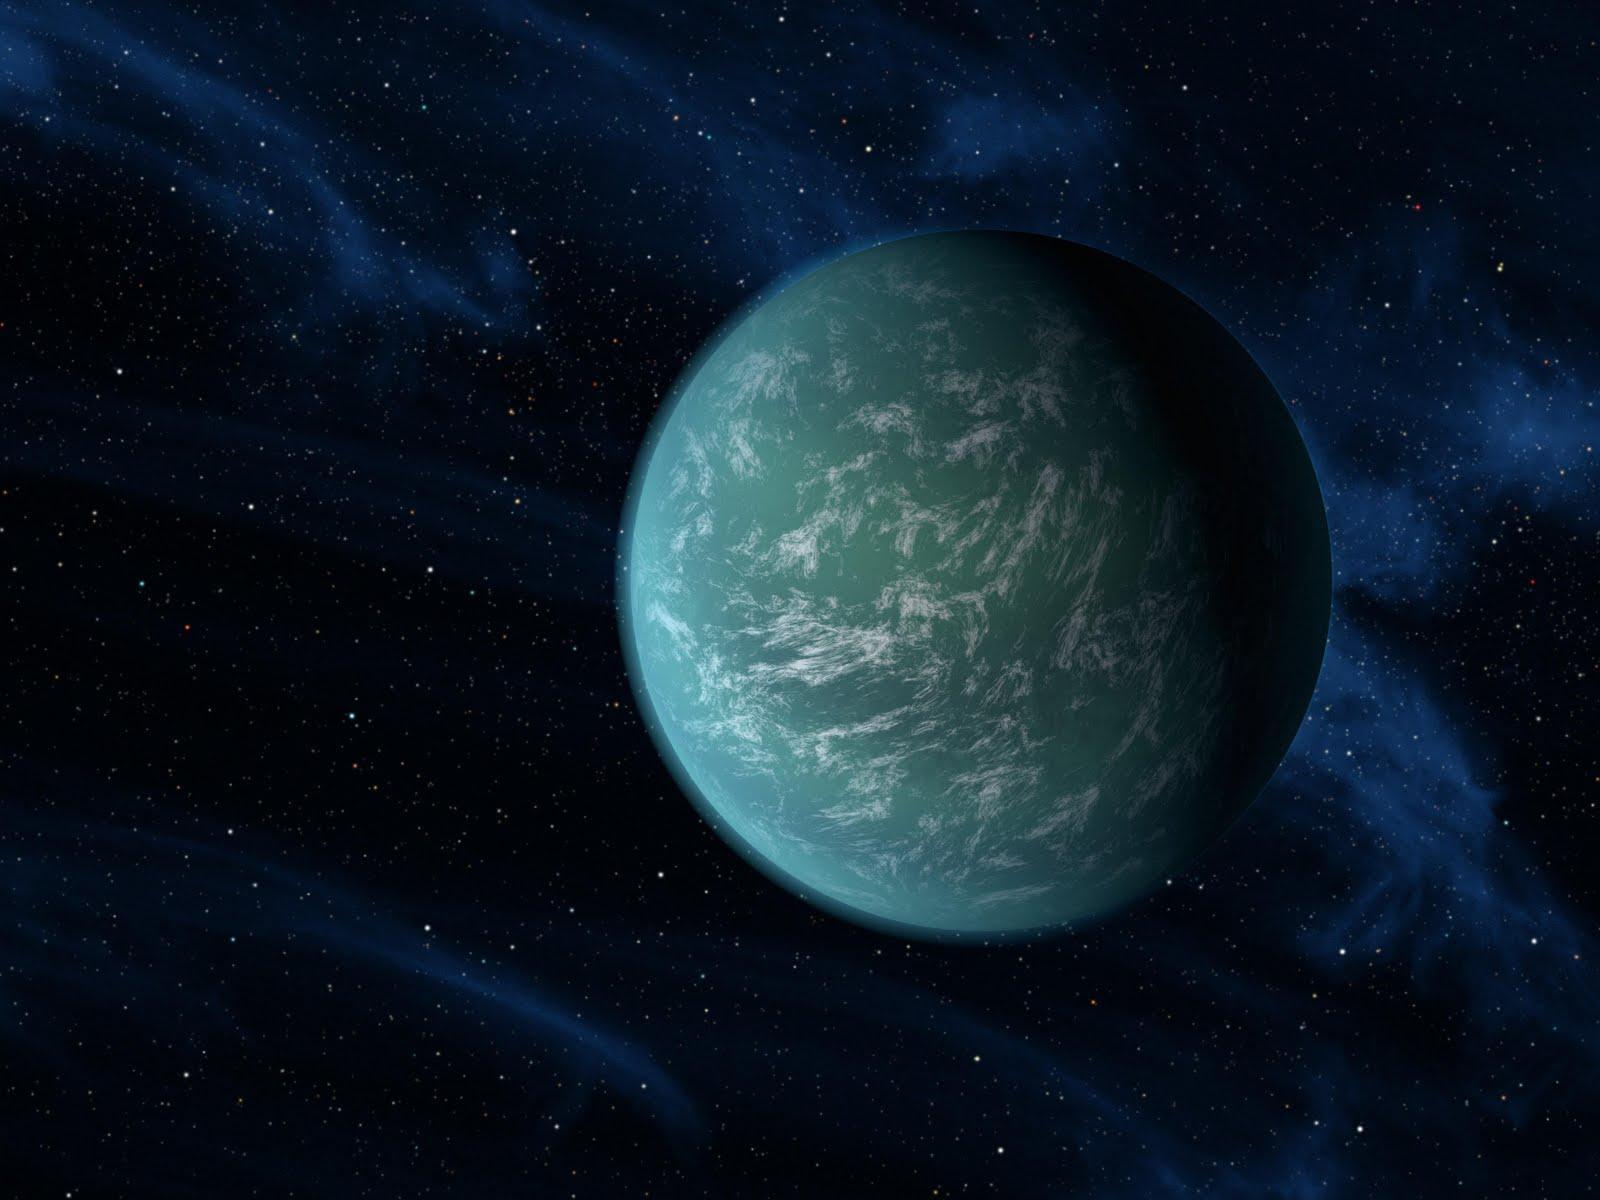 El Telescopio Kepler descubre un planeta potencialmente habitable a 600 años luz de la Tierra